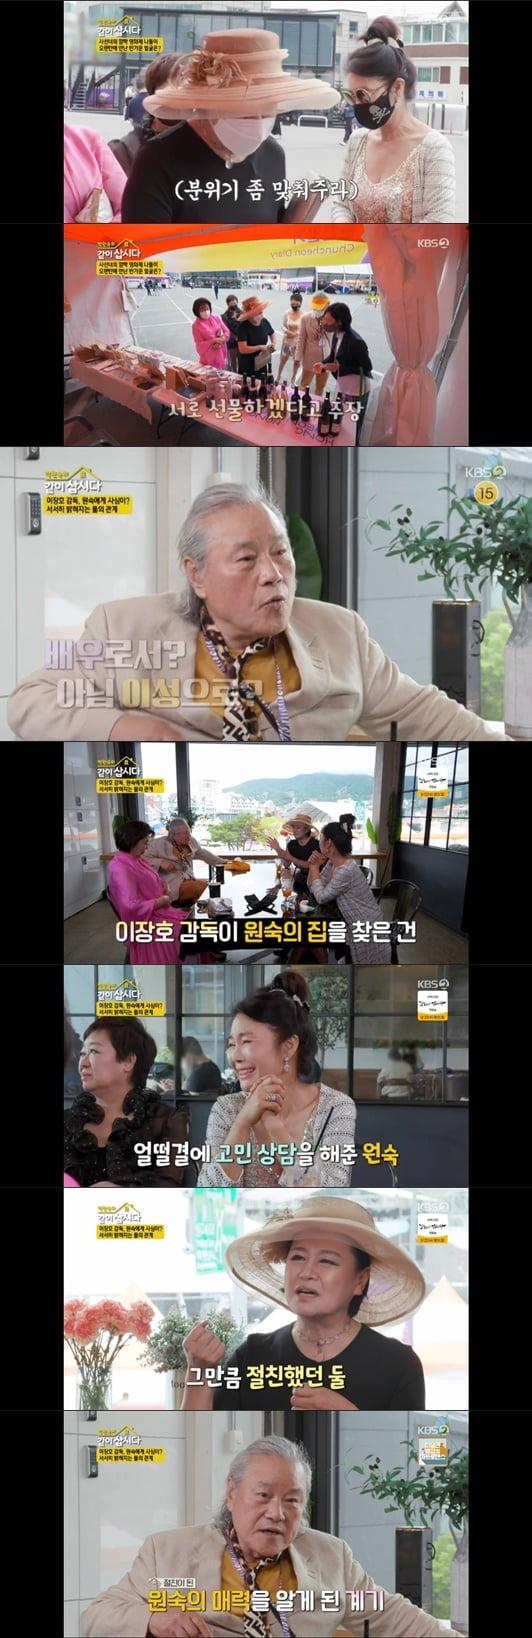 '박원숙의 같이 삽시다3'(사진=방송 화면 캡처)